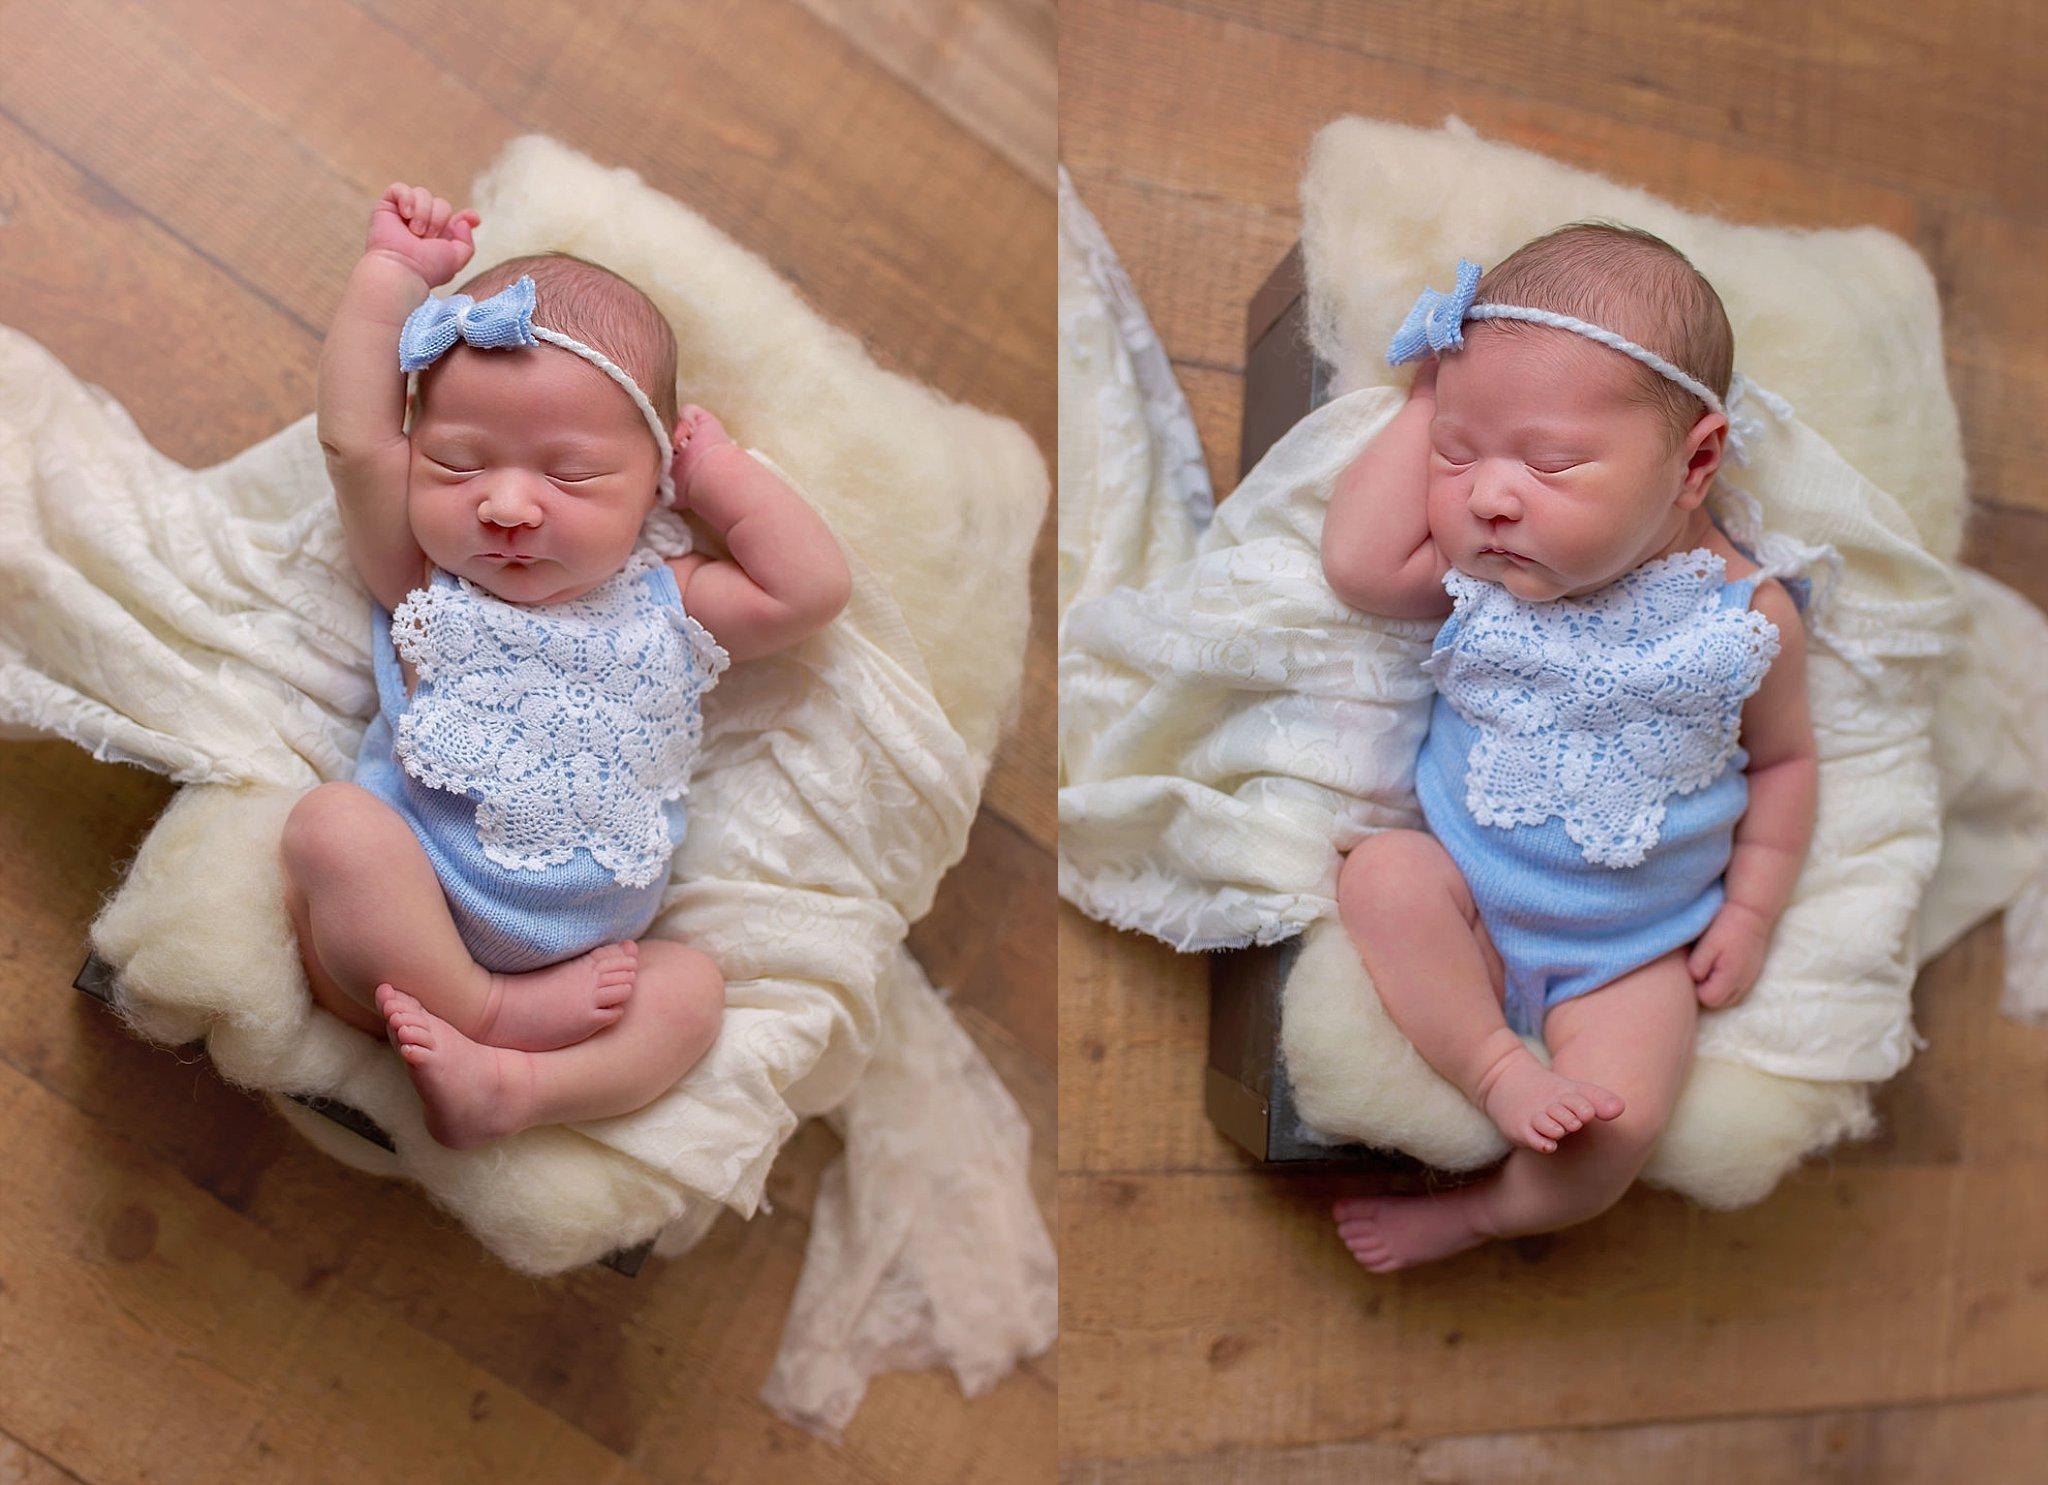 Durham NC newborn baby girl stretches in basket.